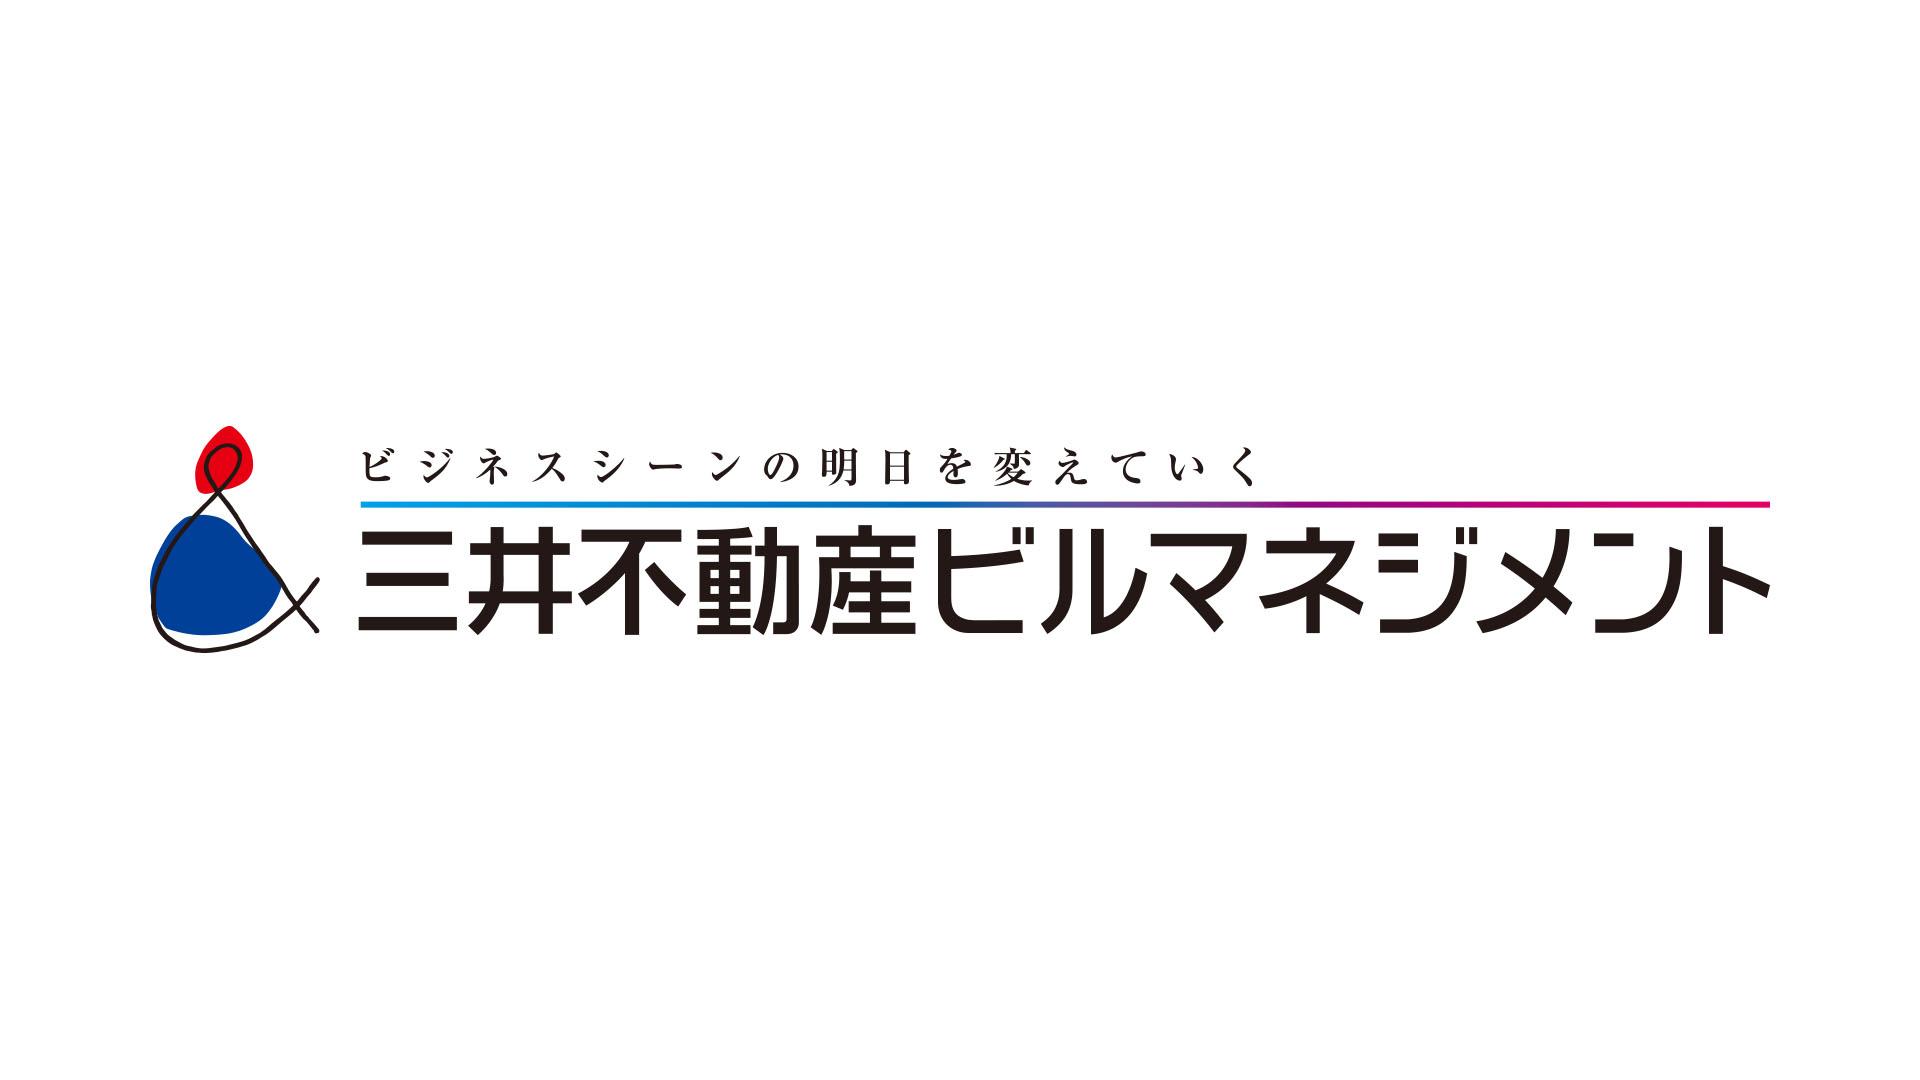 三井不動産ビルマネジメント株式会社